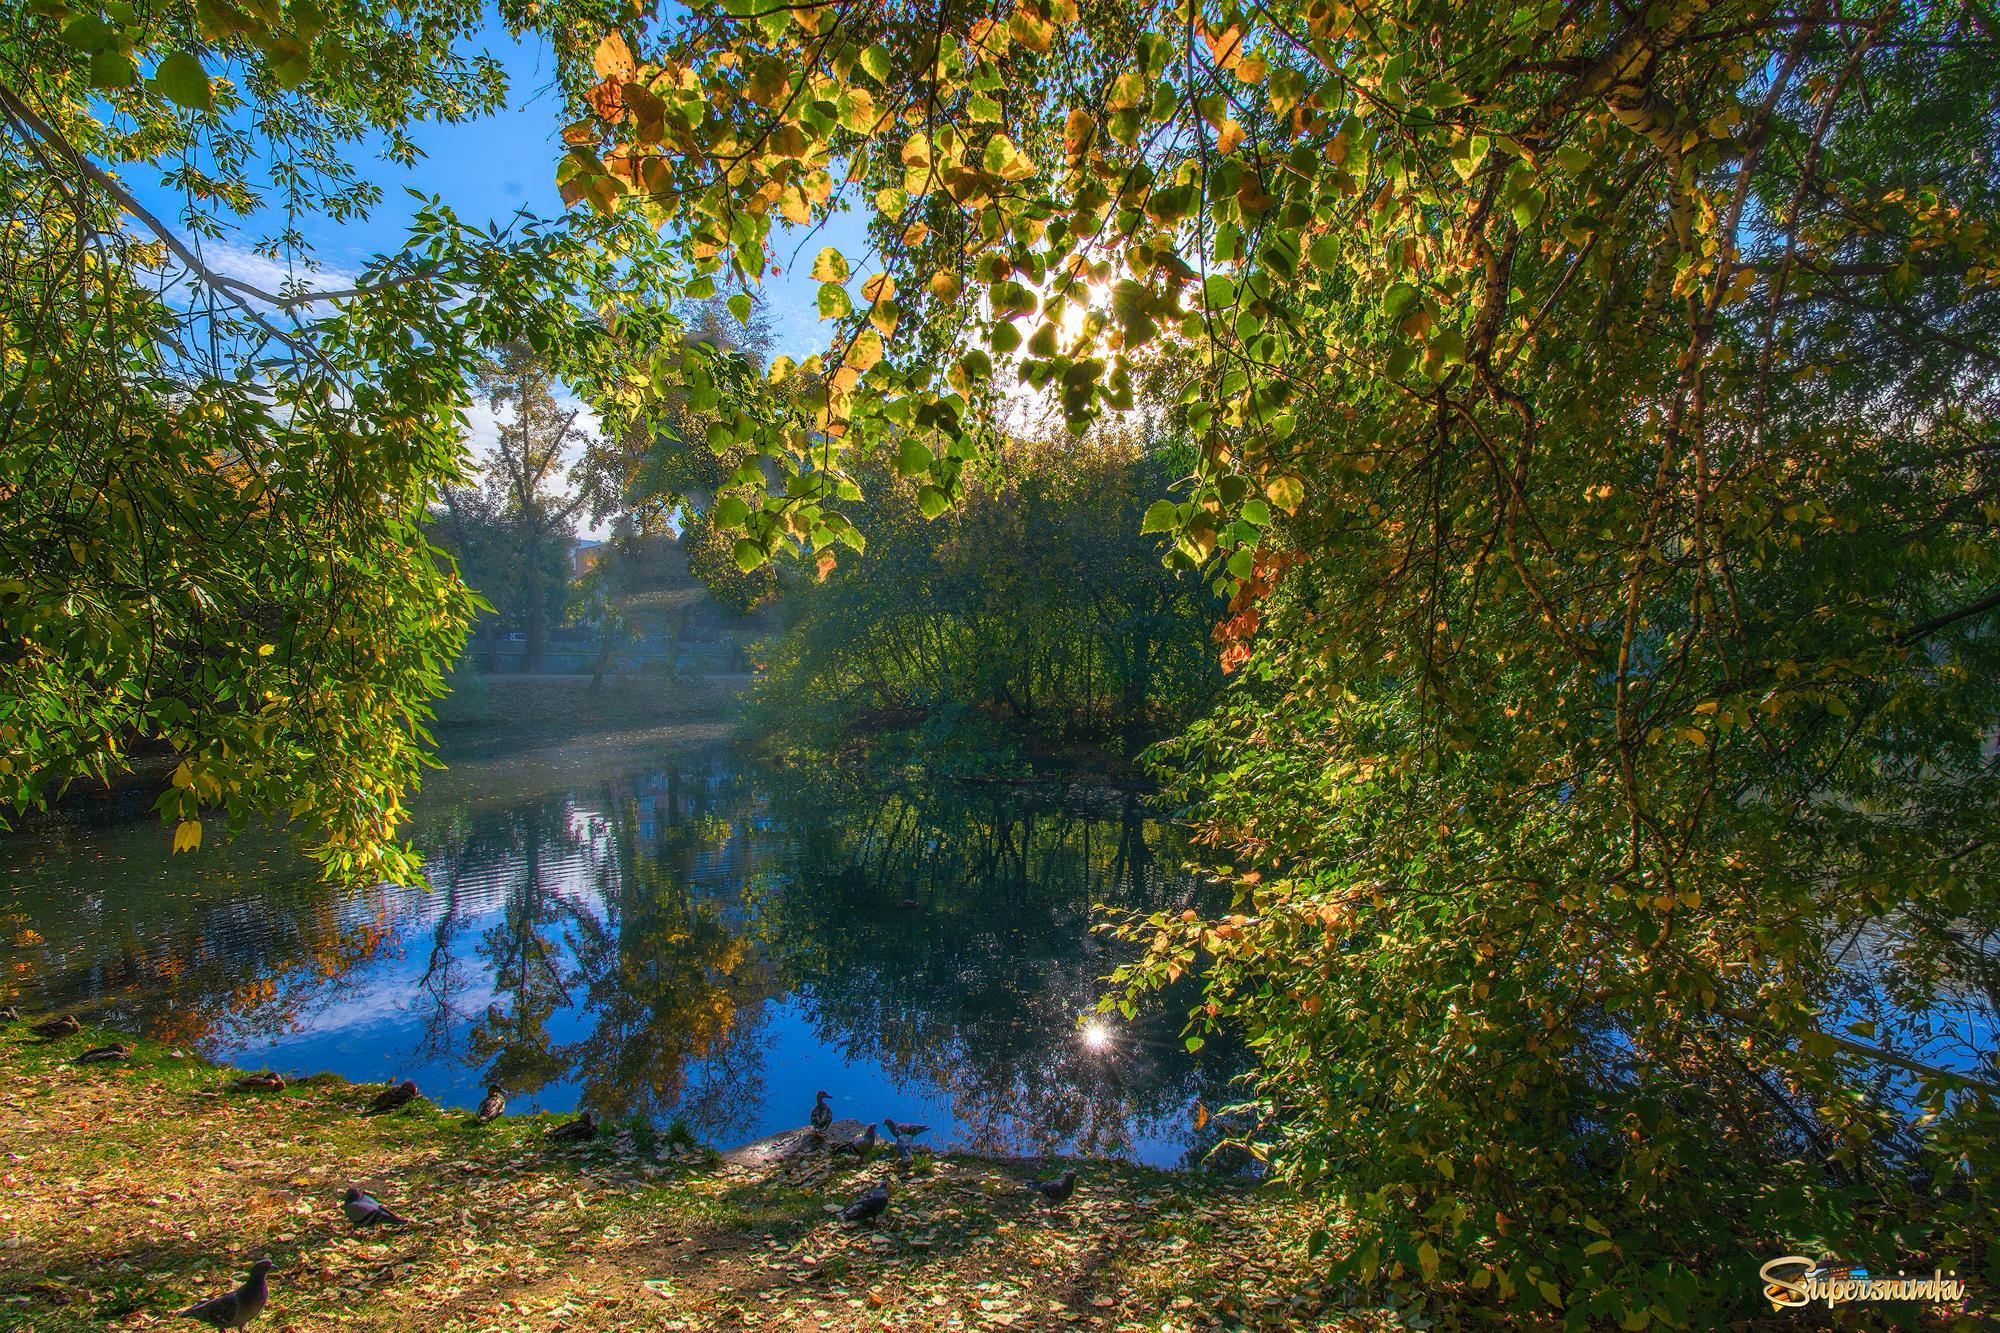 Осень в старом парке   Фотосайт СуперСнимки.Ру